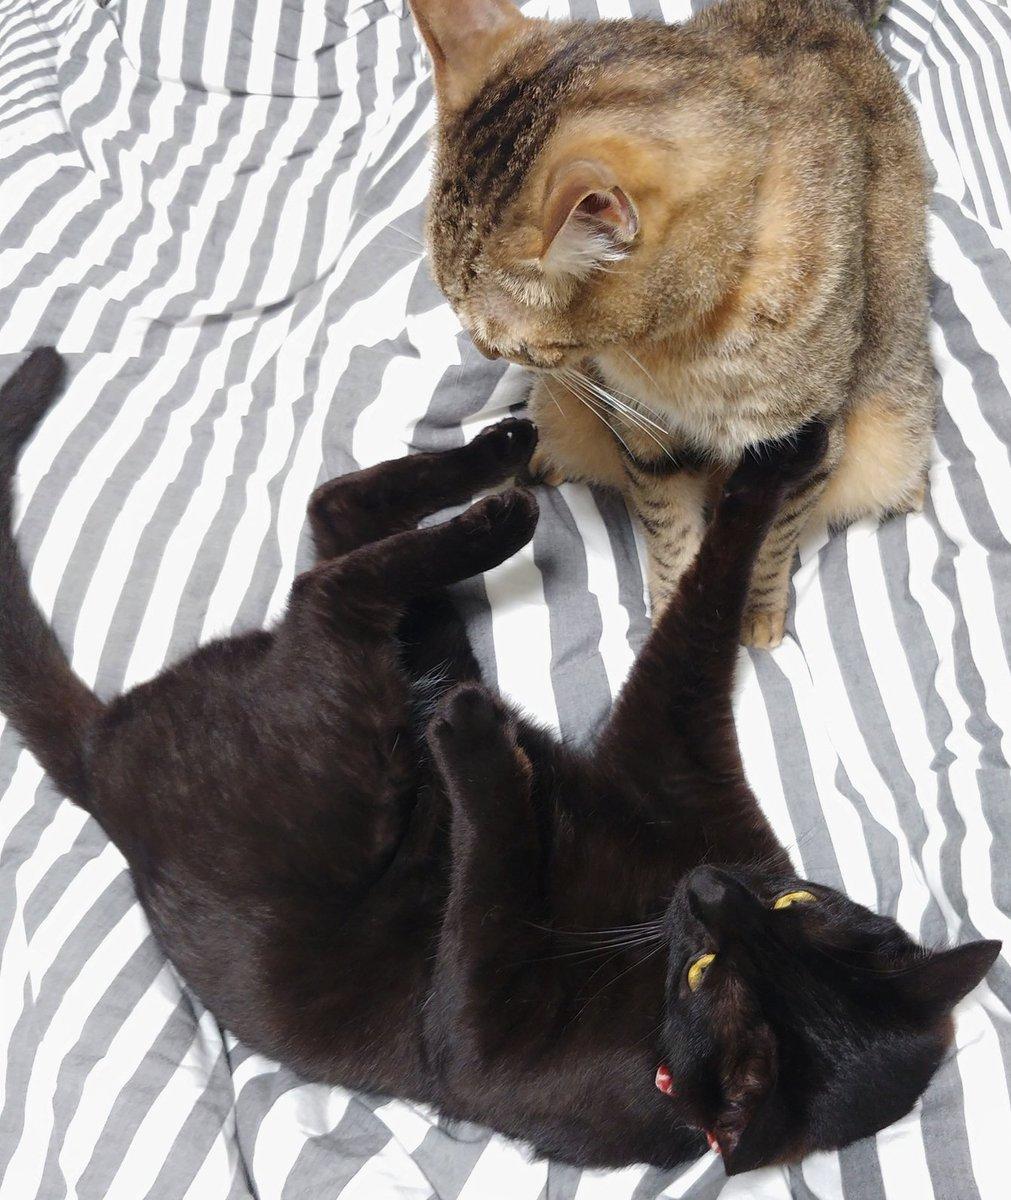 810日目。割としっかりアッパーを食らったが、悠々と大人の余裕で黒猫をクッションにするキジトラ。